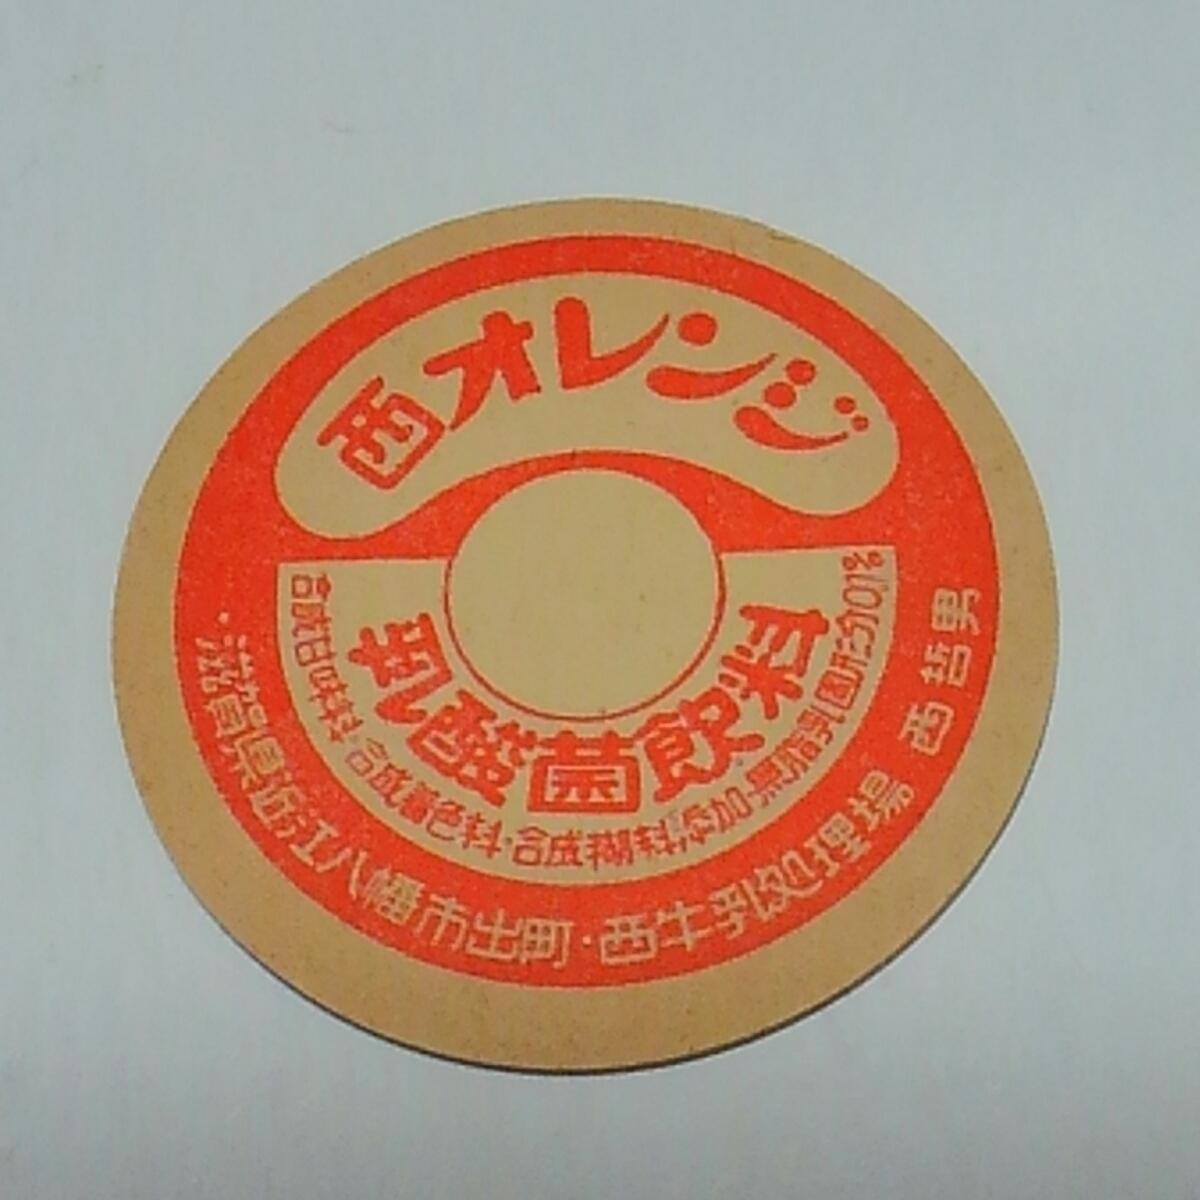 【牛乳キャップ】約40年前 西オレンジ 未使用 滋賀県/西牛乳処理場 西哲男